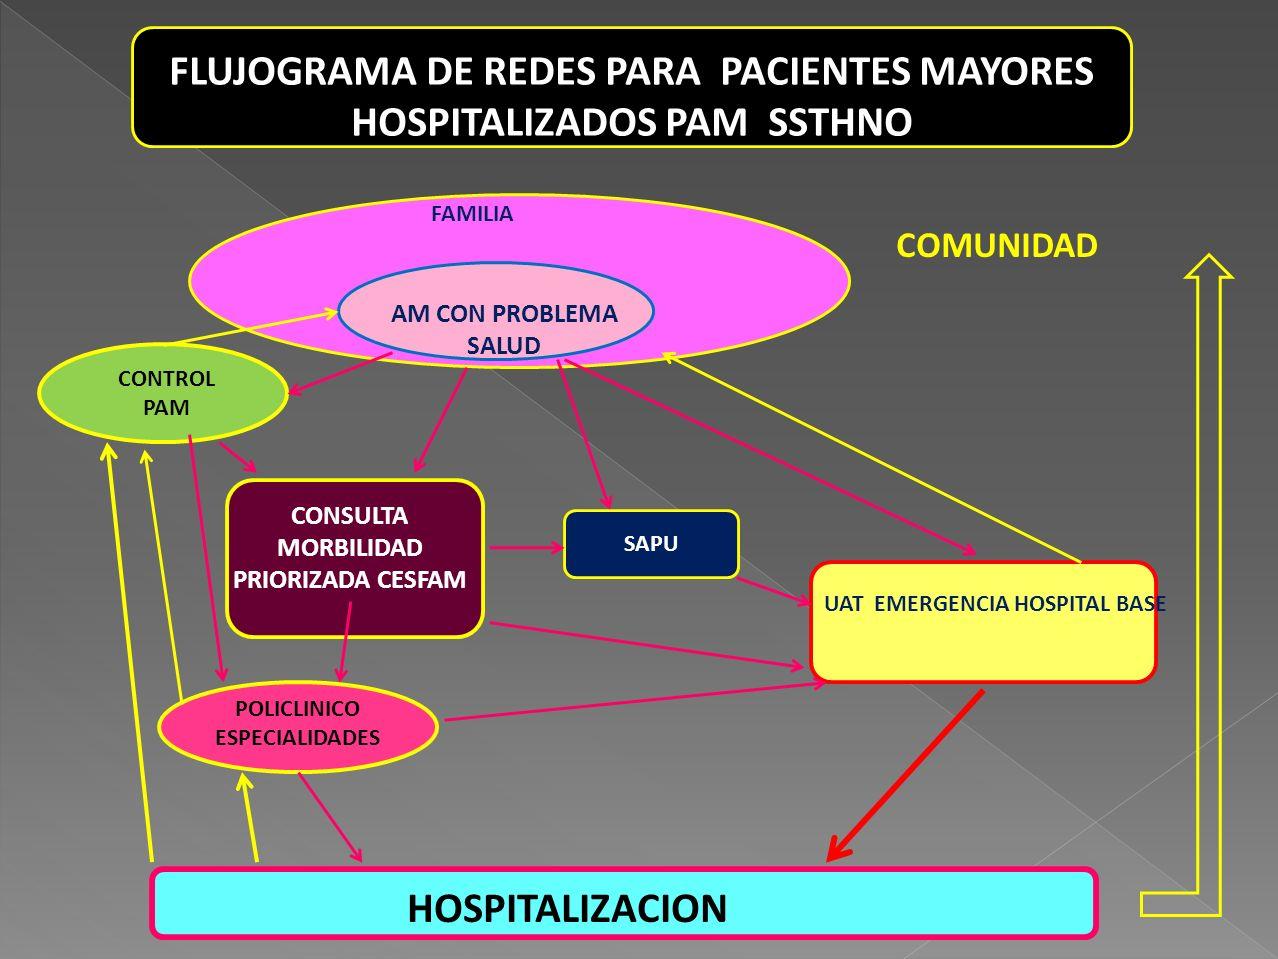 FLUJOGRAMA DE REDES PARA PACIENTES MAYORES HOSPITALIZADOS PAM SSTHNO